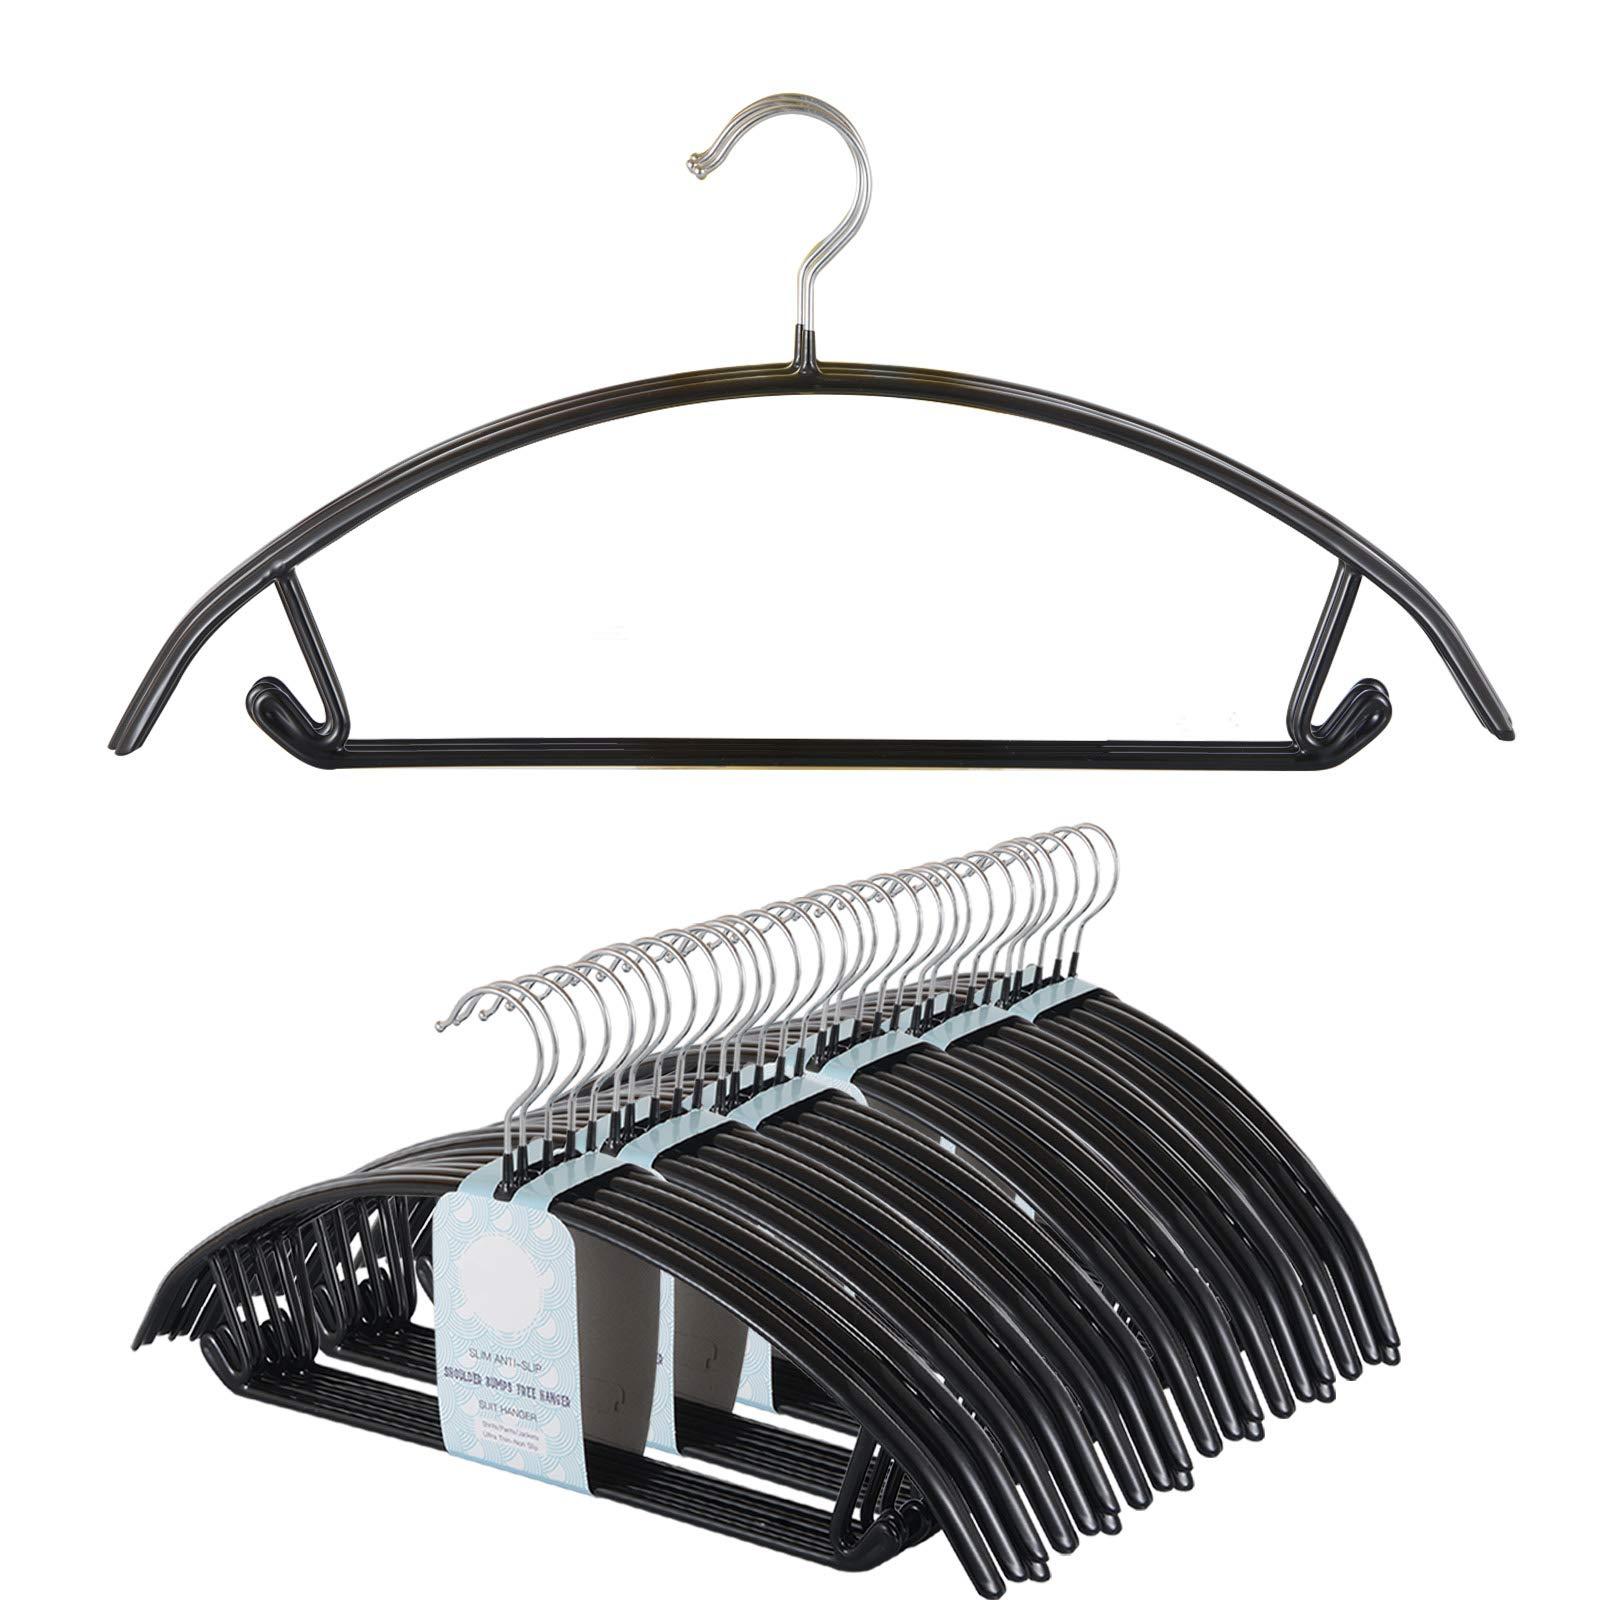 491a0833bea Voilamart Bump Free Clothes Hangers 30 Pack, Non Slip Dry Wet Hangers, No  Shoulder